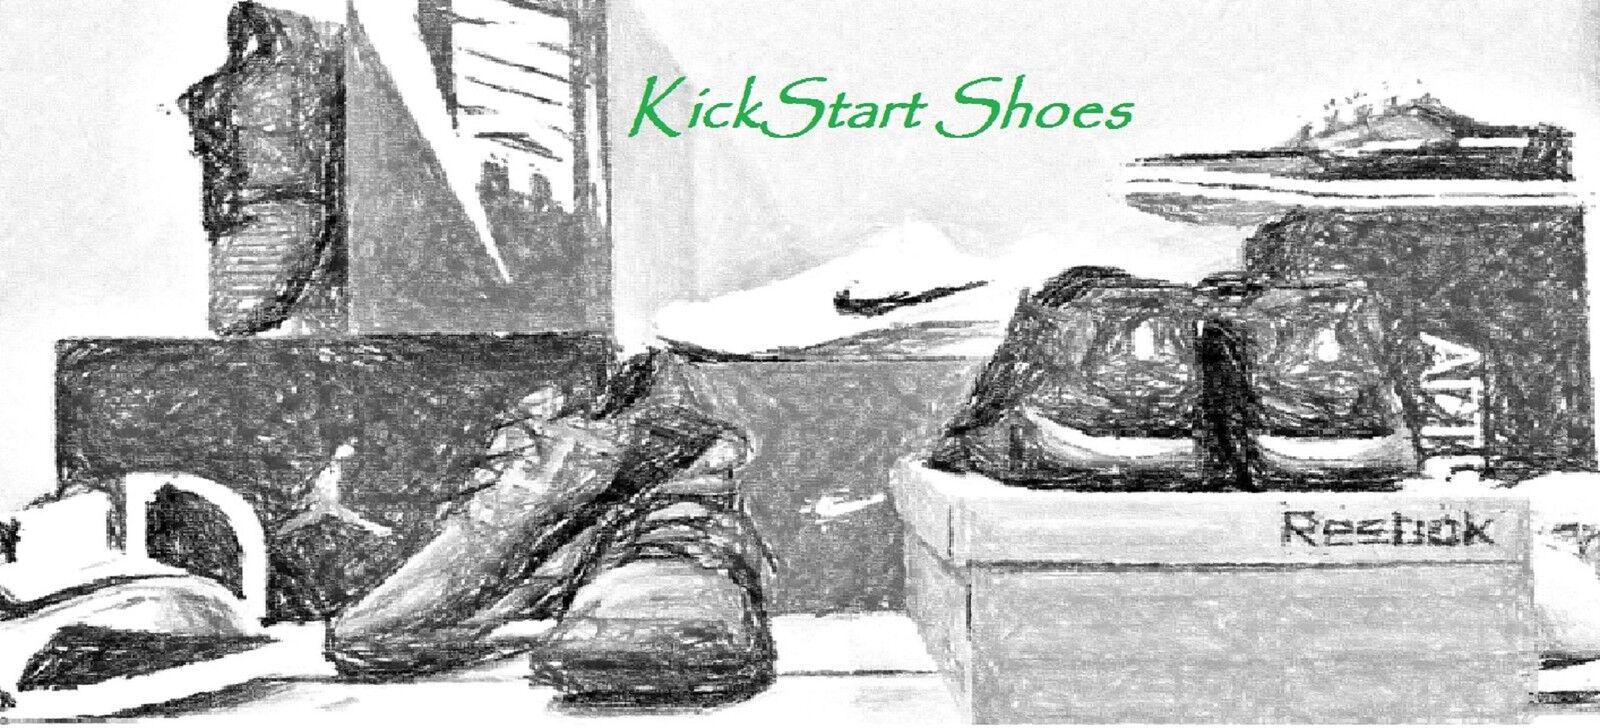 KickStart Shoes